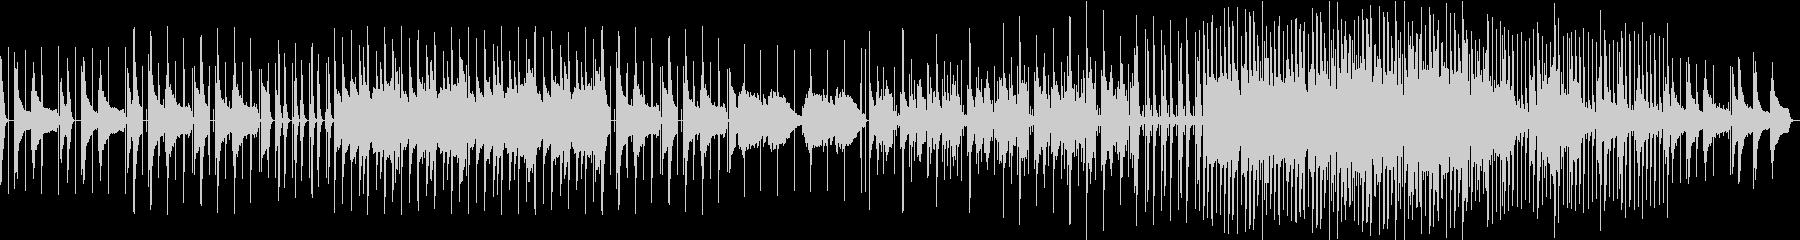 ローファイ系ピアノBGMの未再生の波形